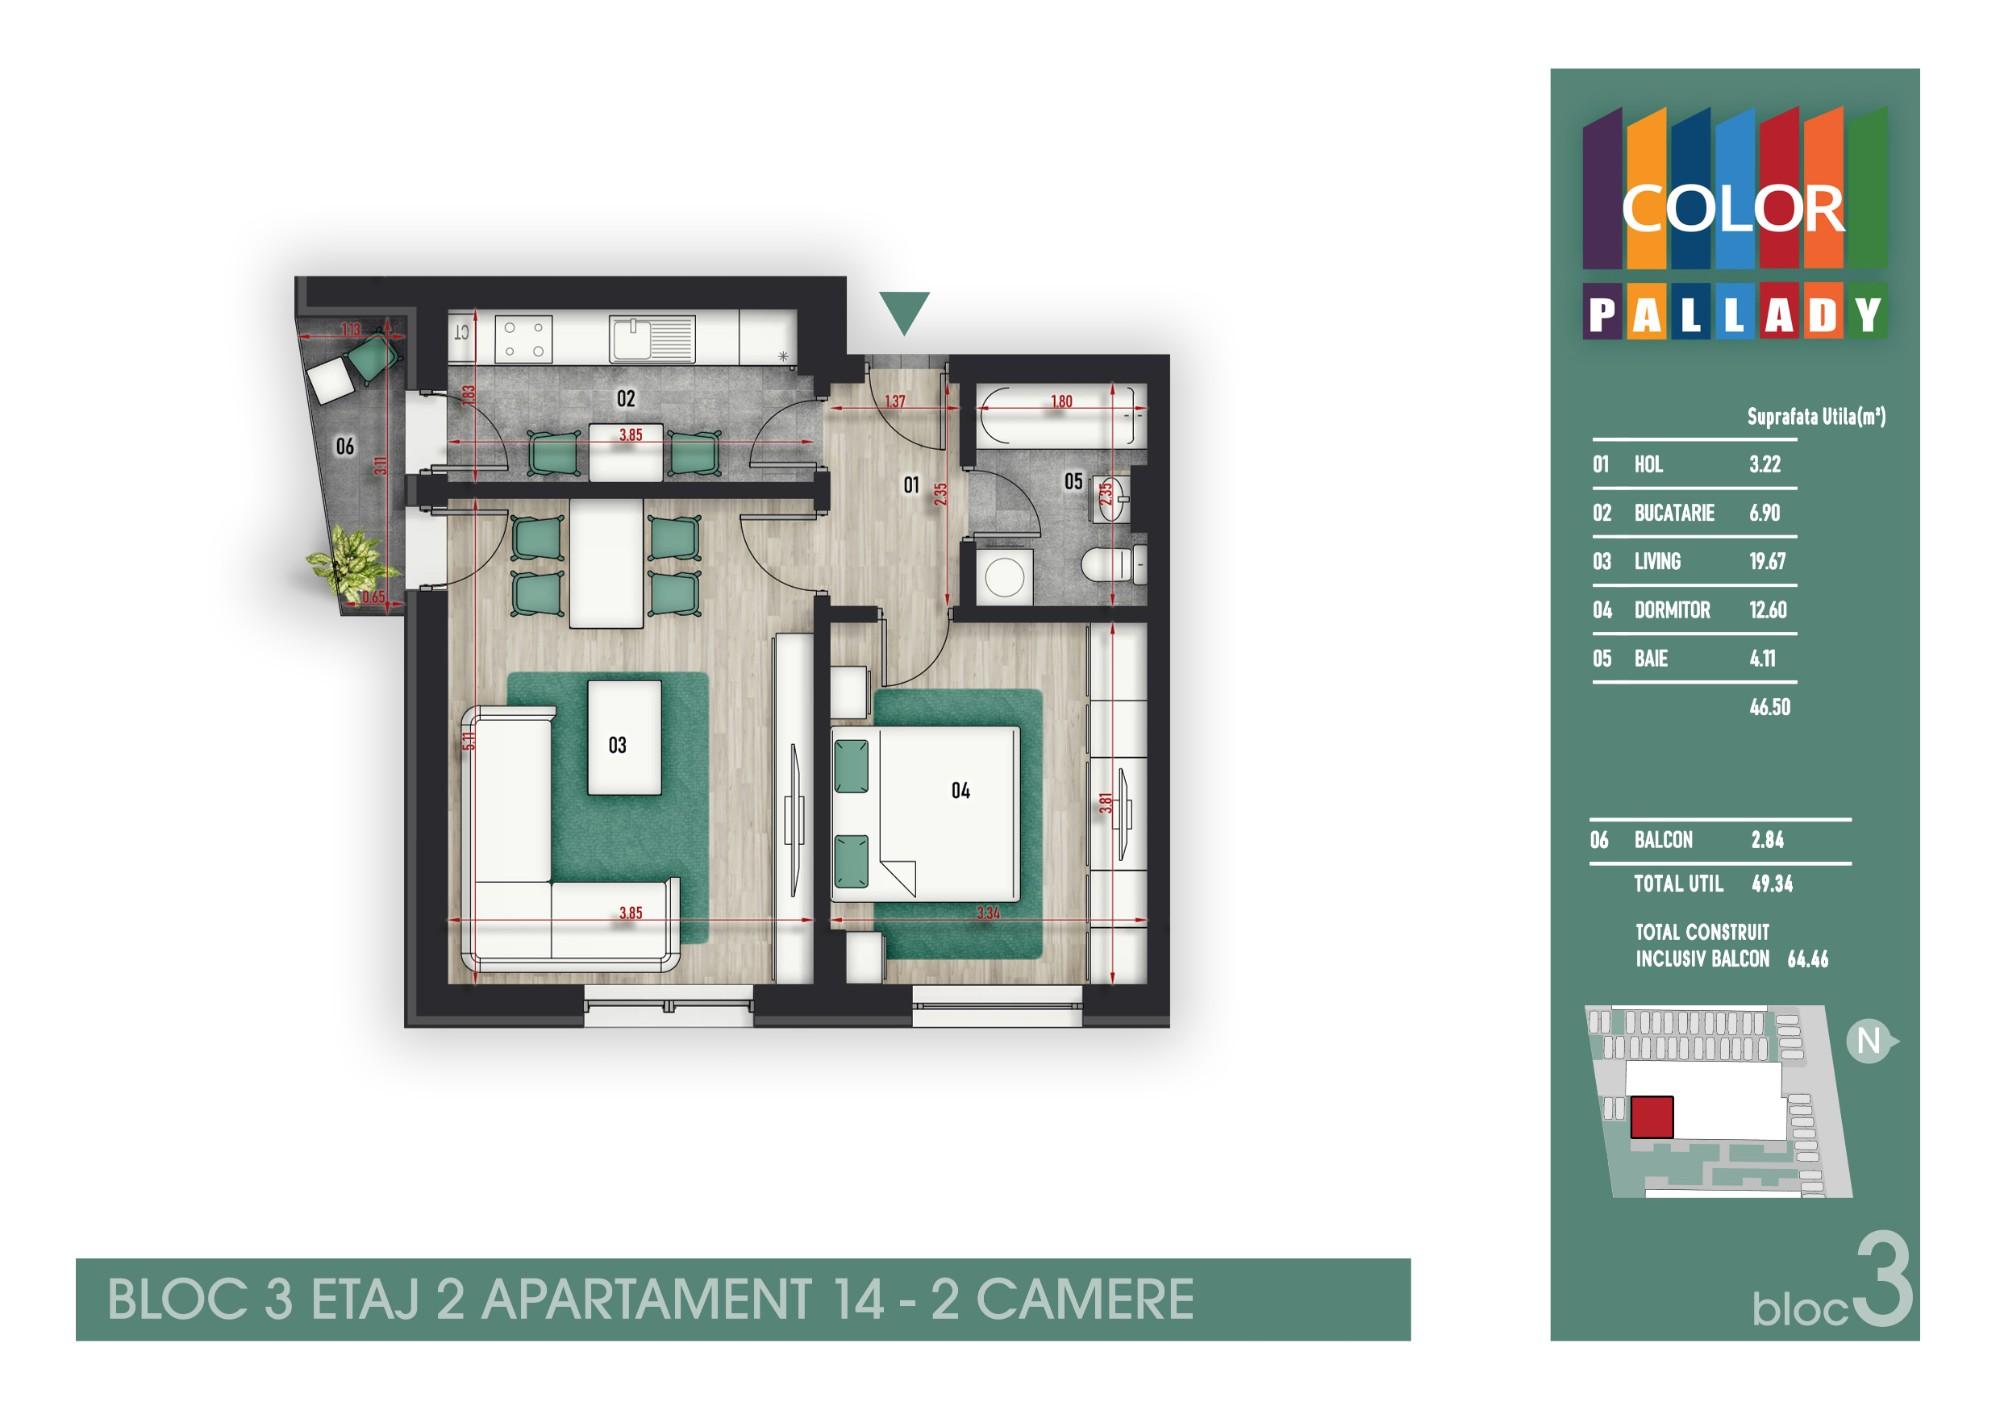 Bloc 3 - Etaj 2 - Apartament 14